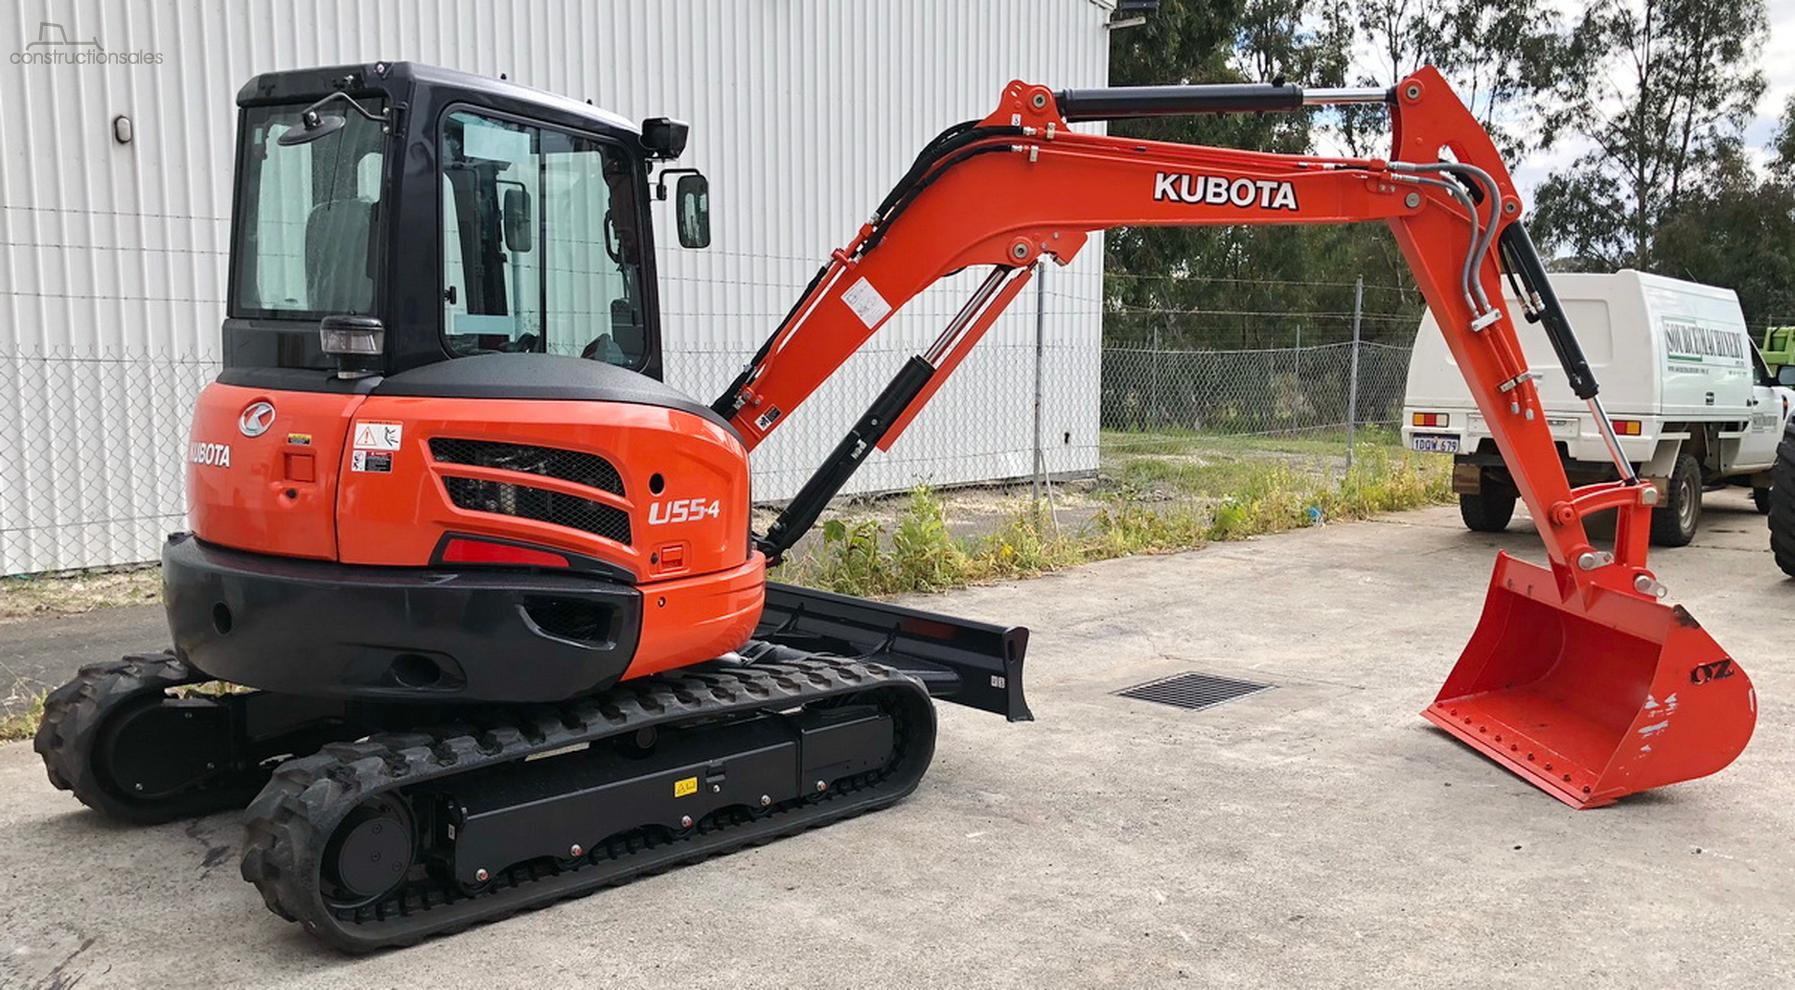 2019 Kubota U55-4 Excavator-OAG-AD-16345910